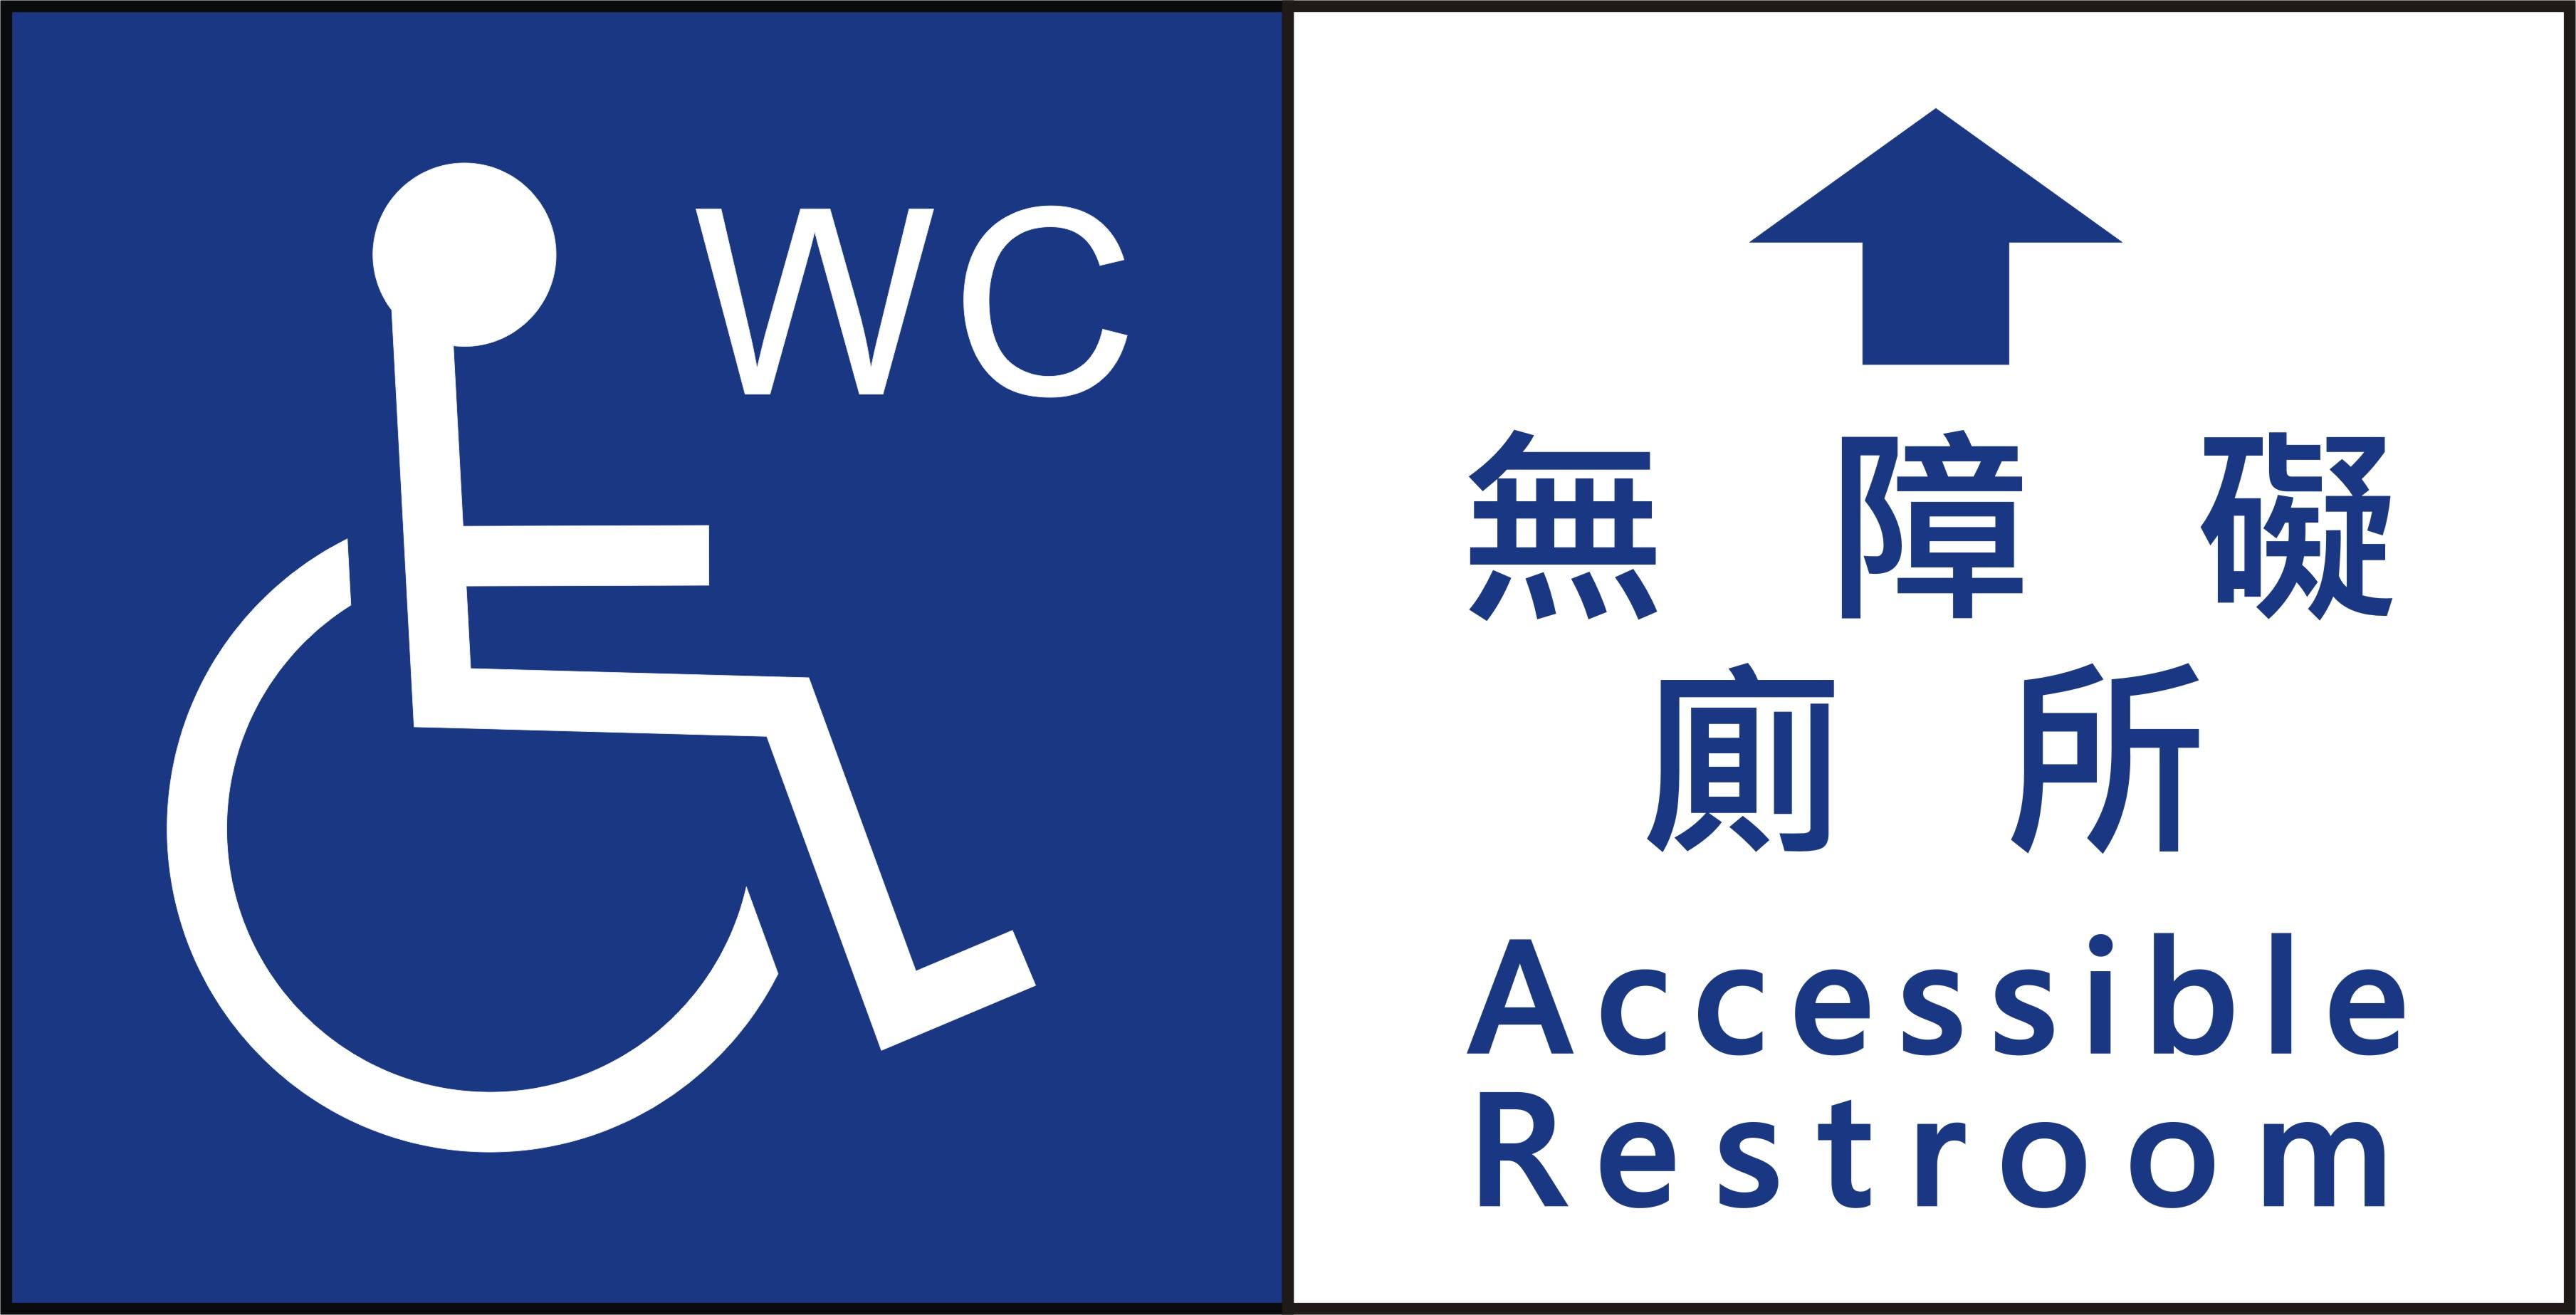 厕所标��`f��,yb�9�*_无障碍厕所标志牌